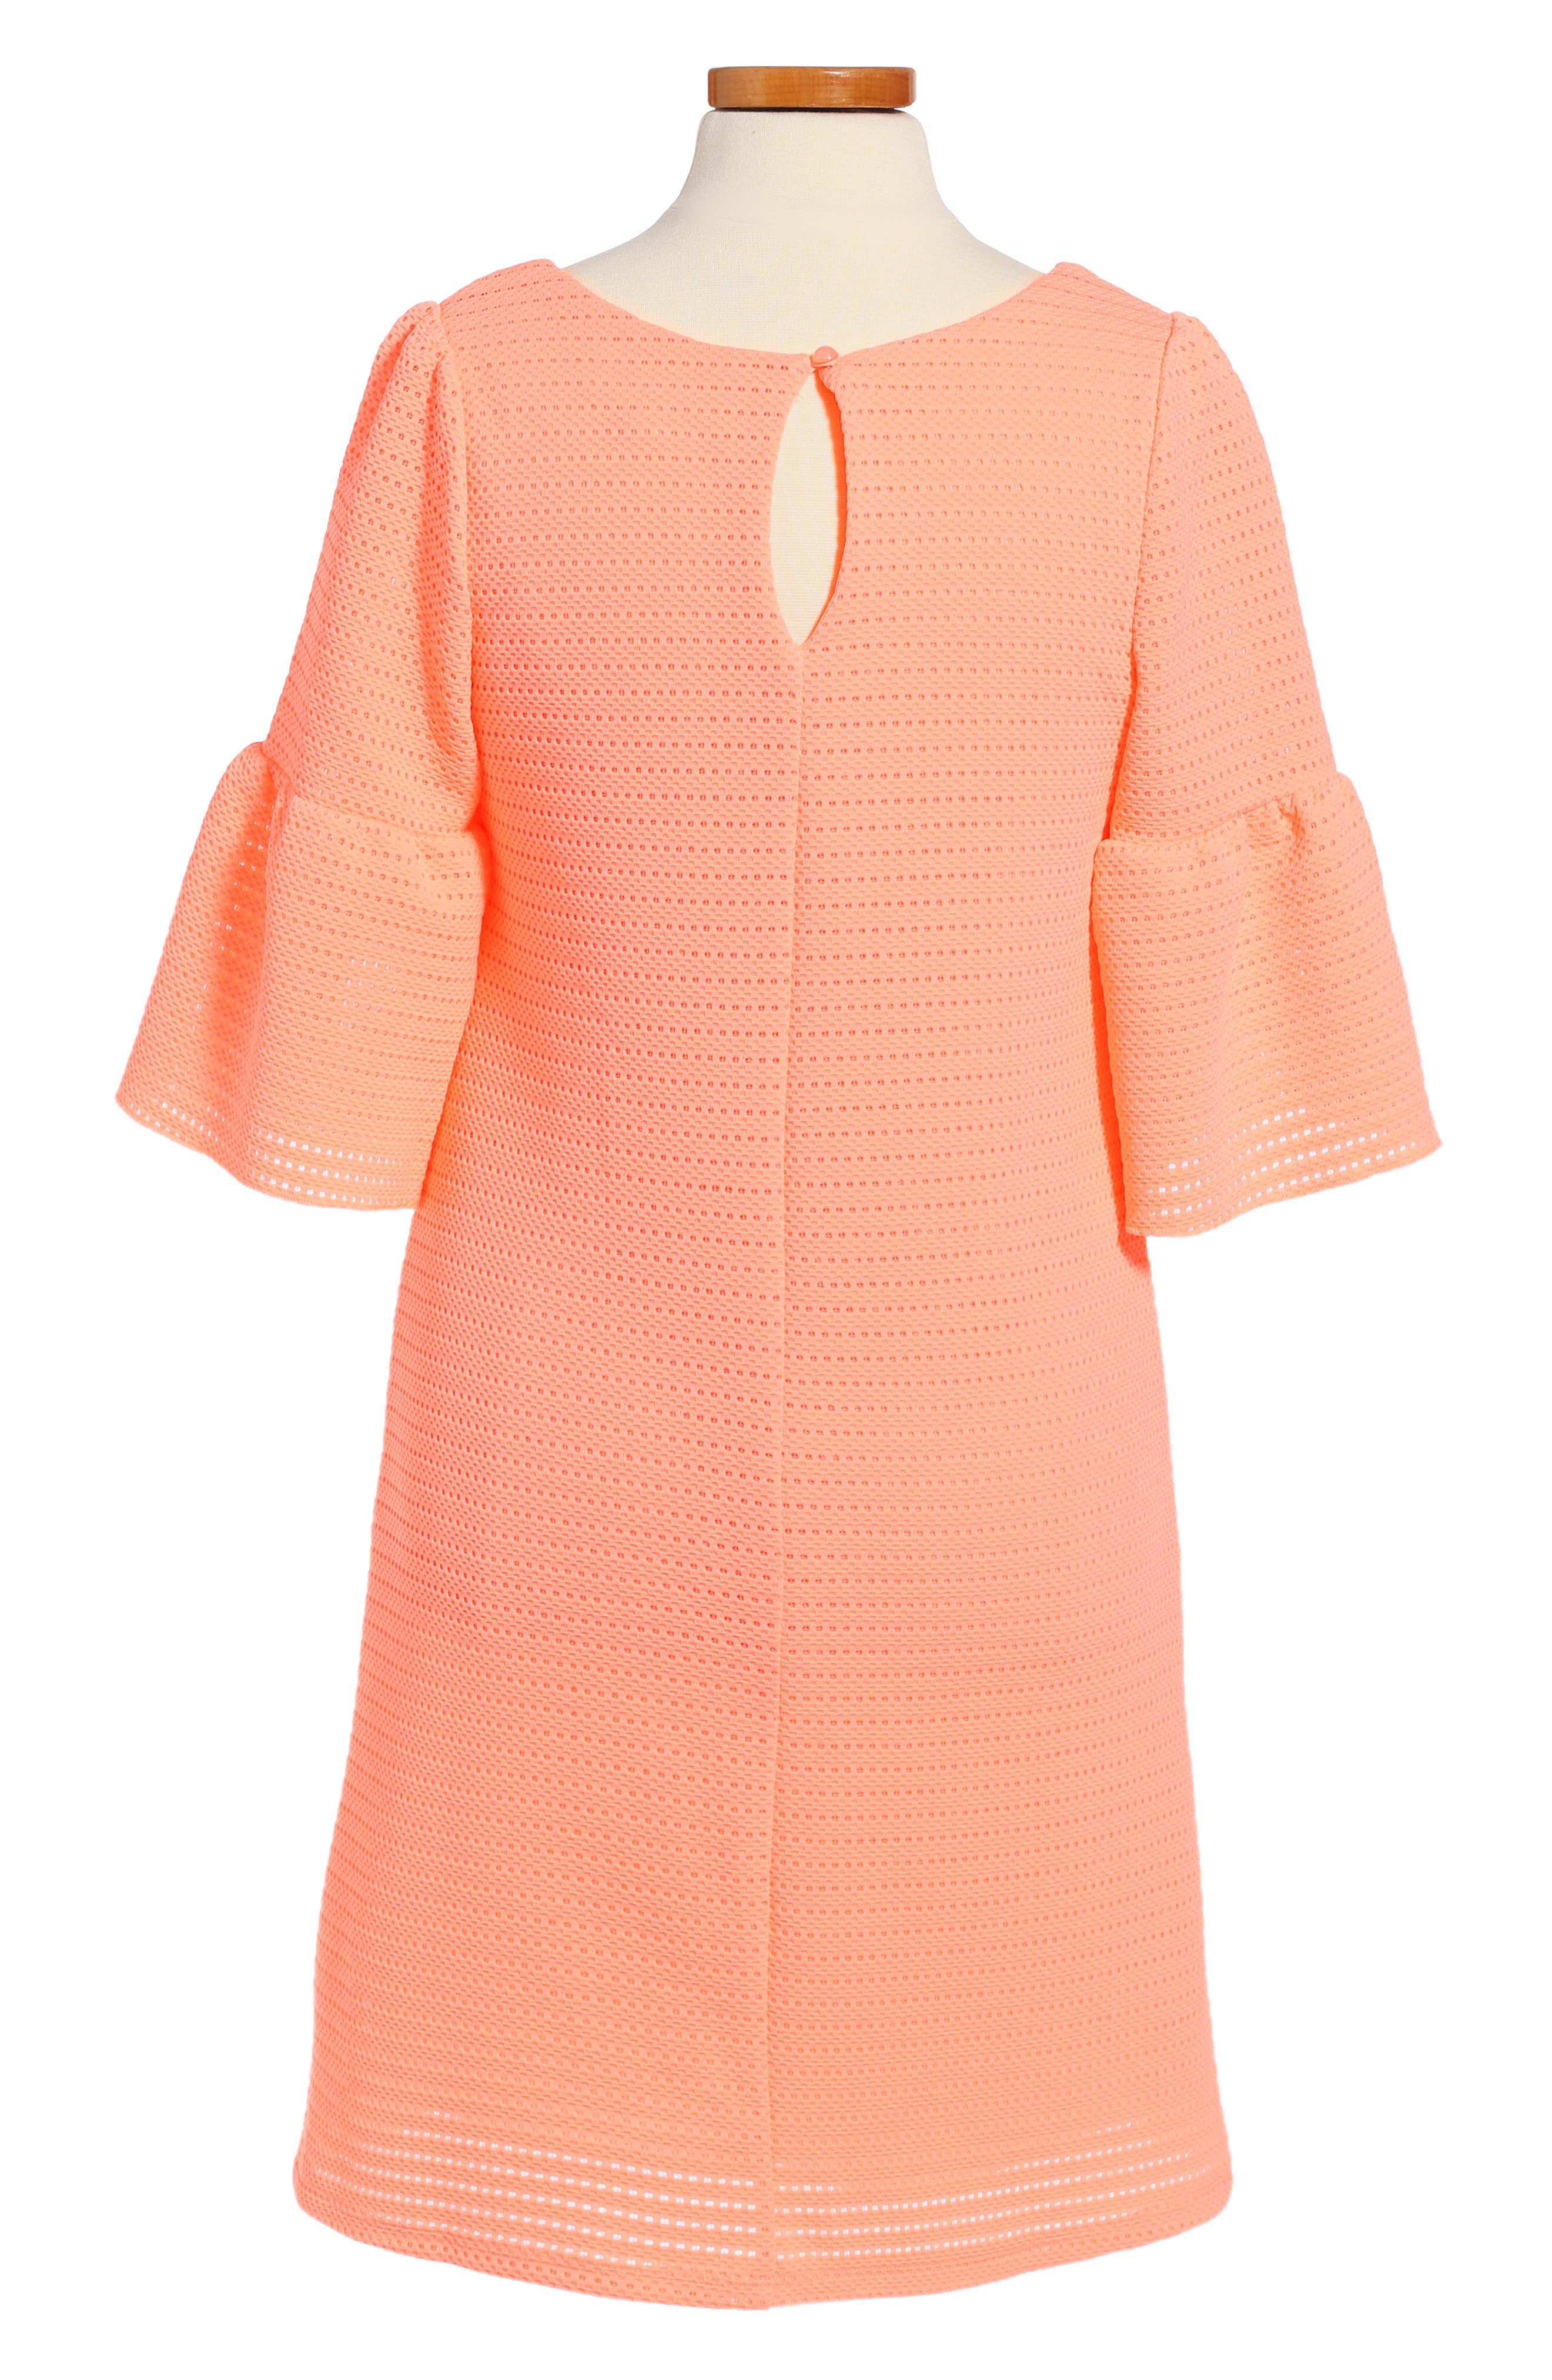 Bell Sleeve Dress,                             Alternate thumbnail 2, color,                             950